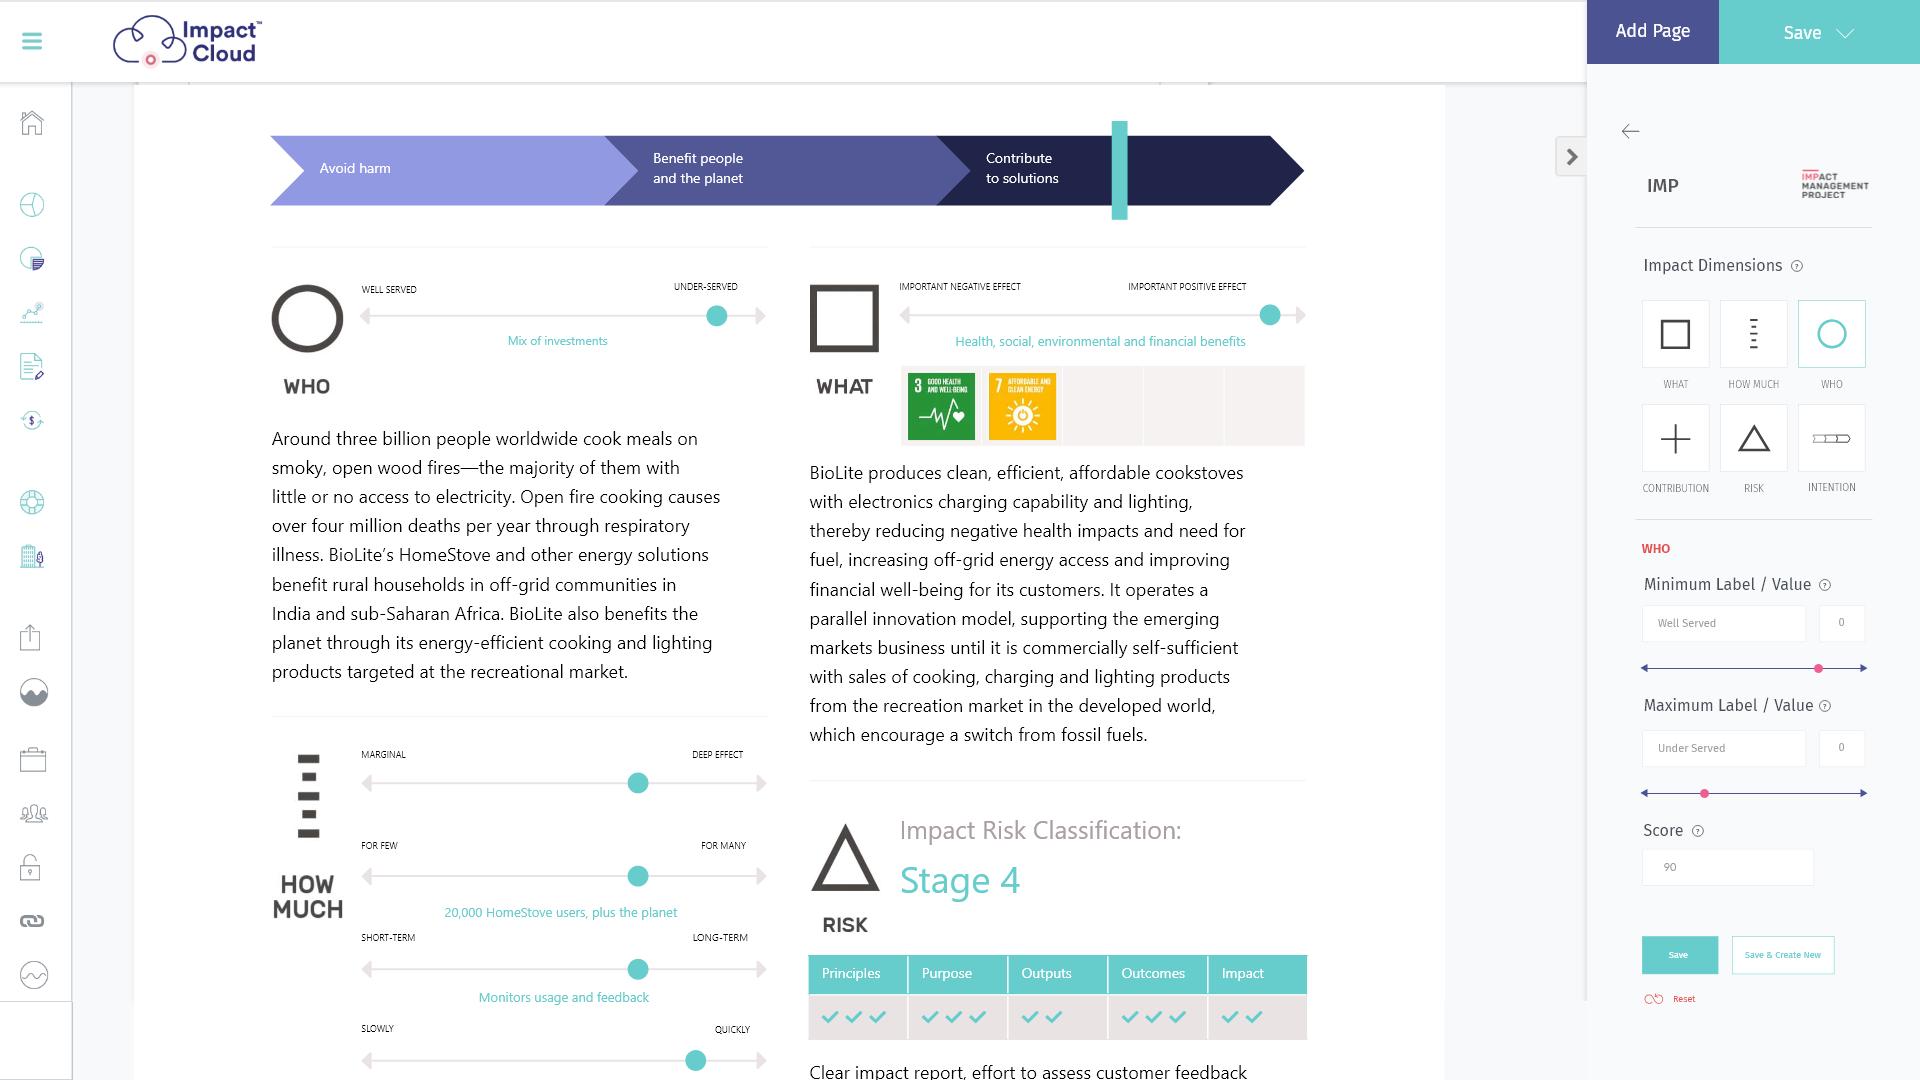 Social Impact Measurement & Management Platform